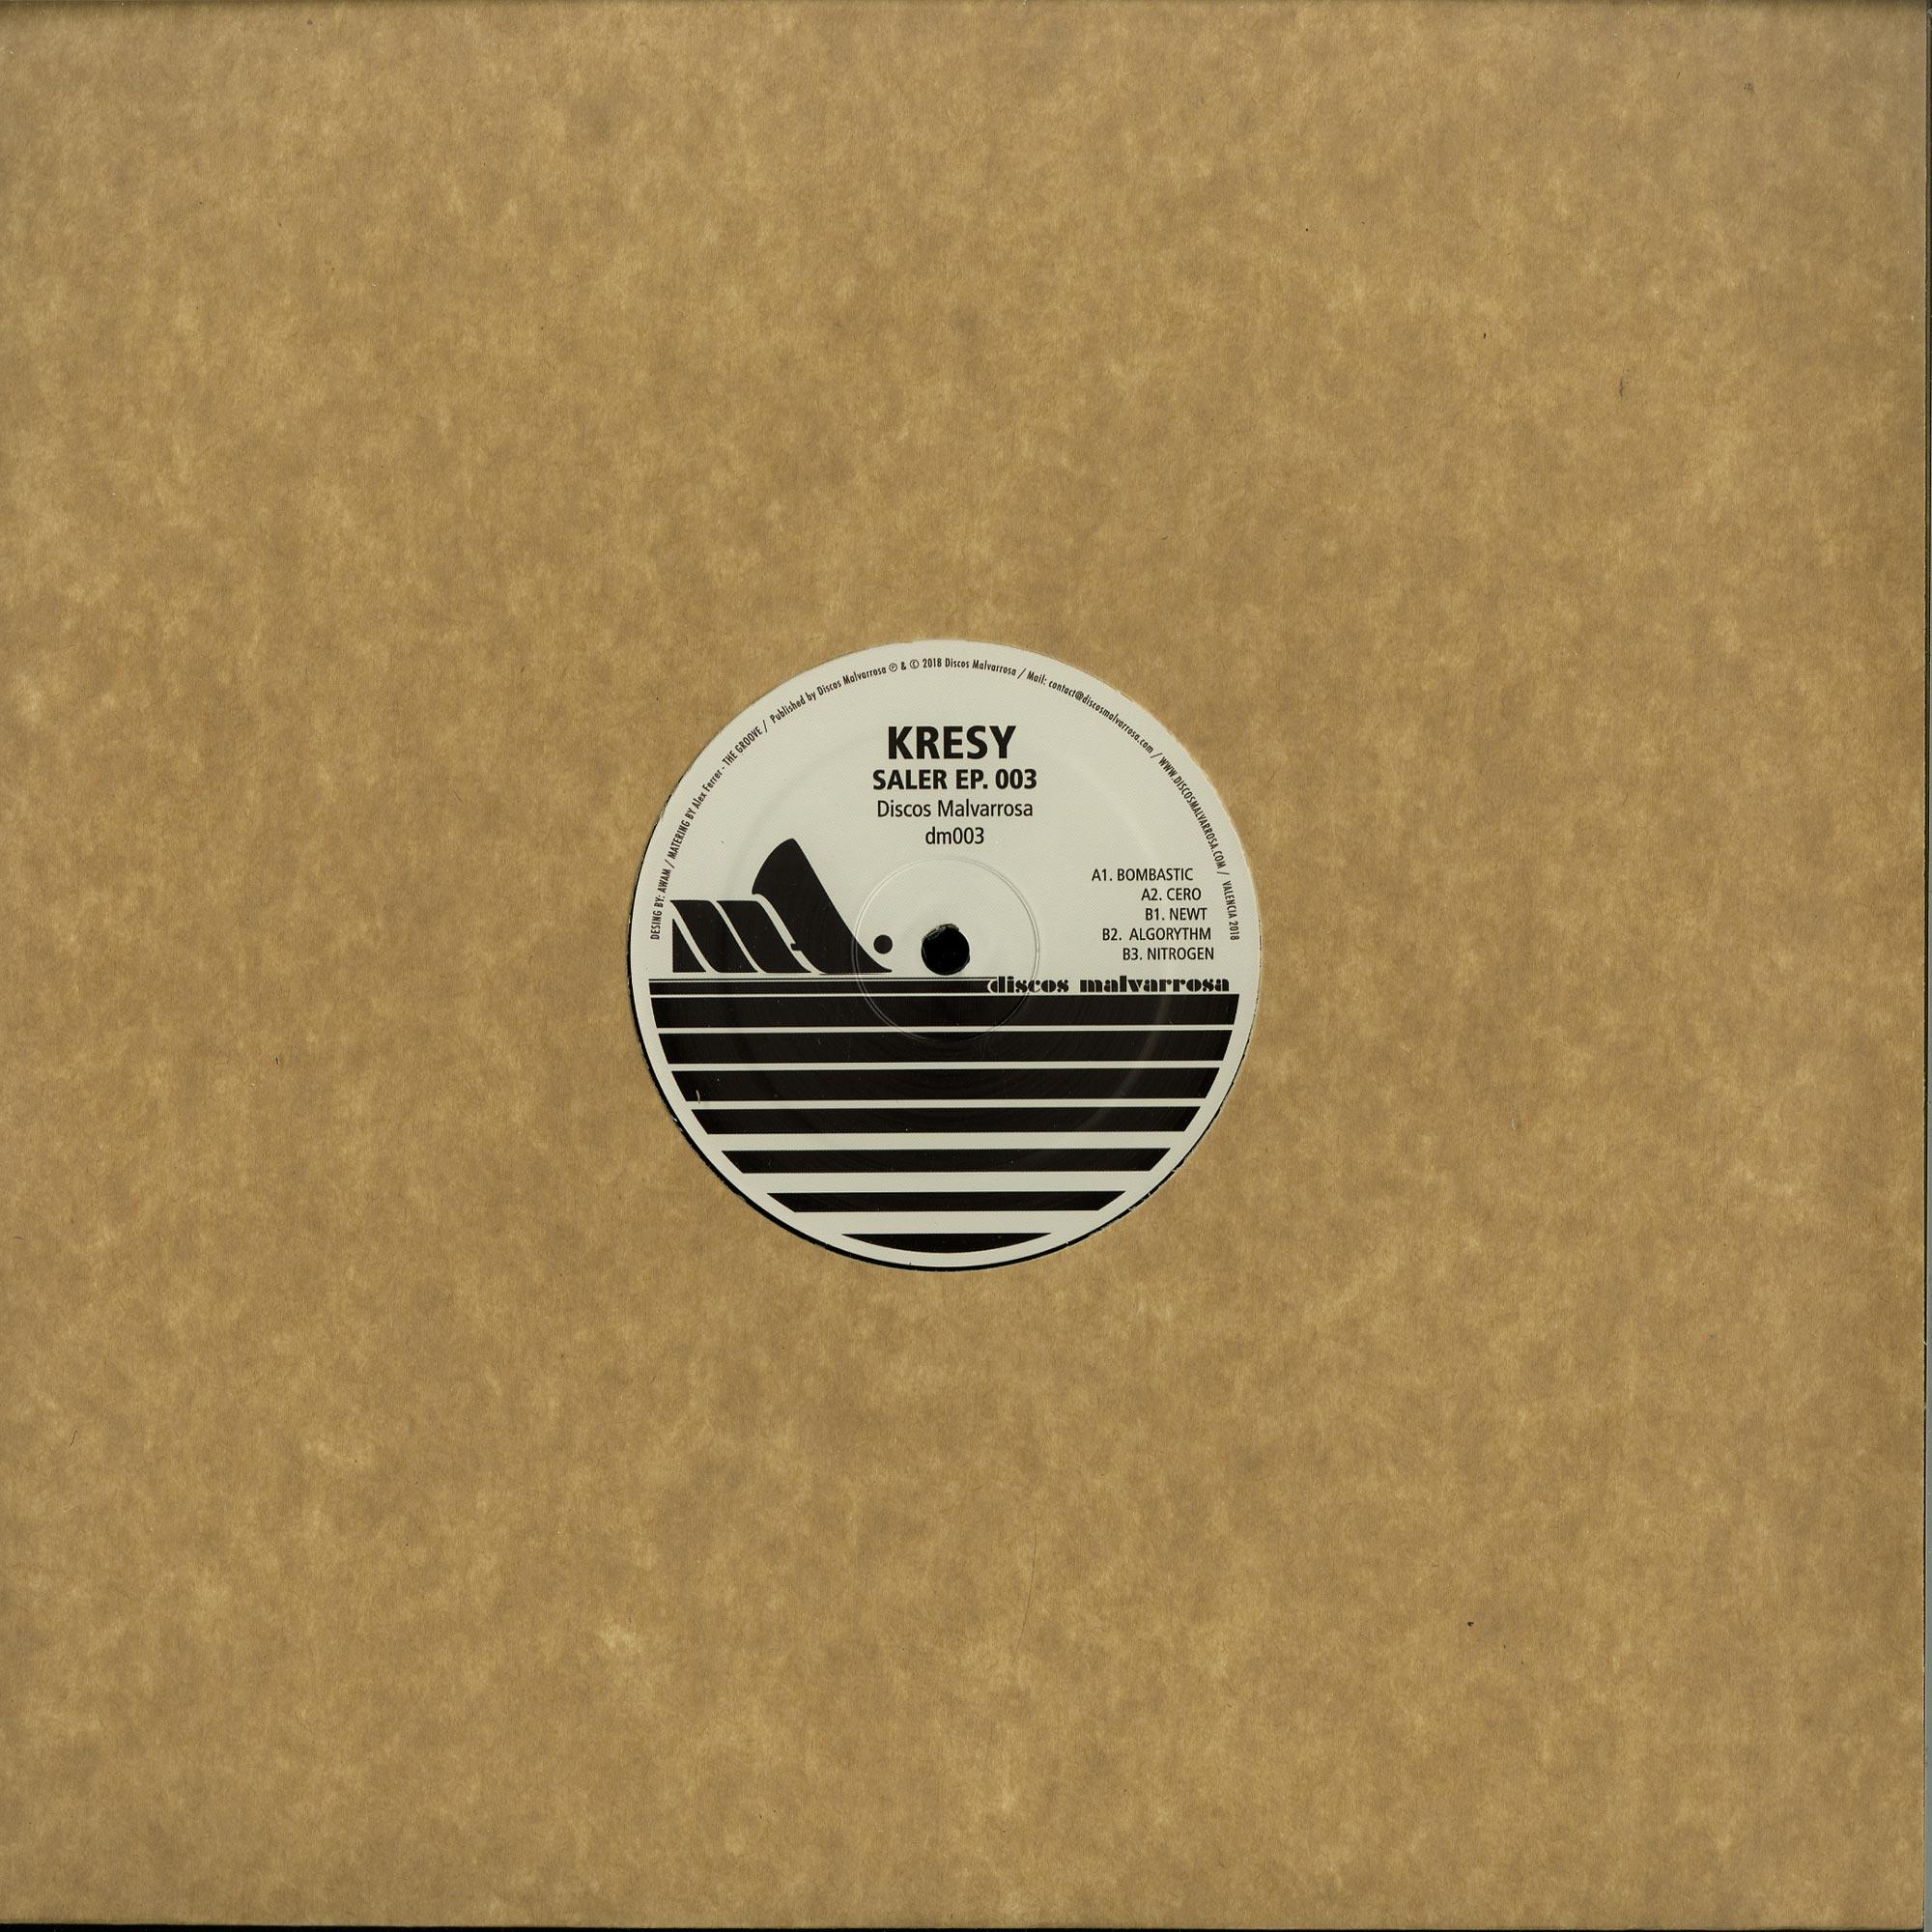 Kresy - SALER EP